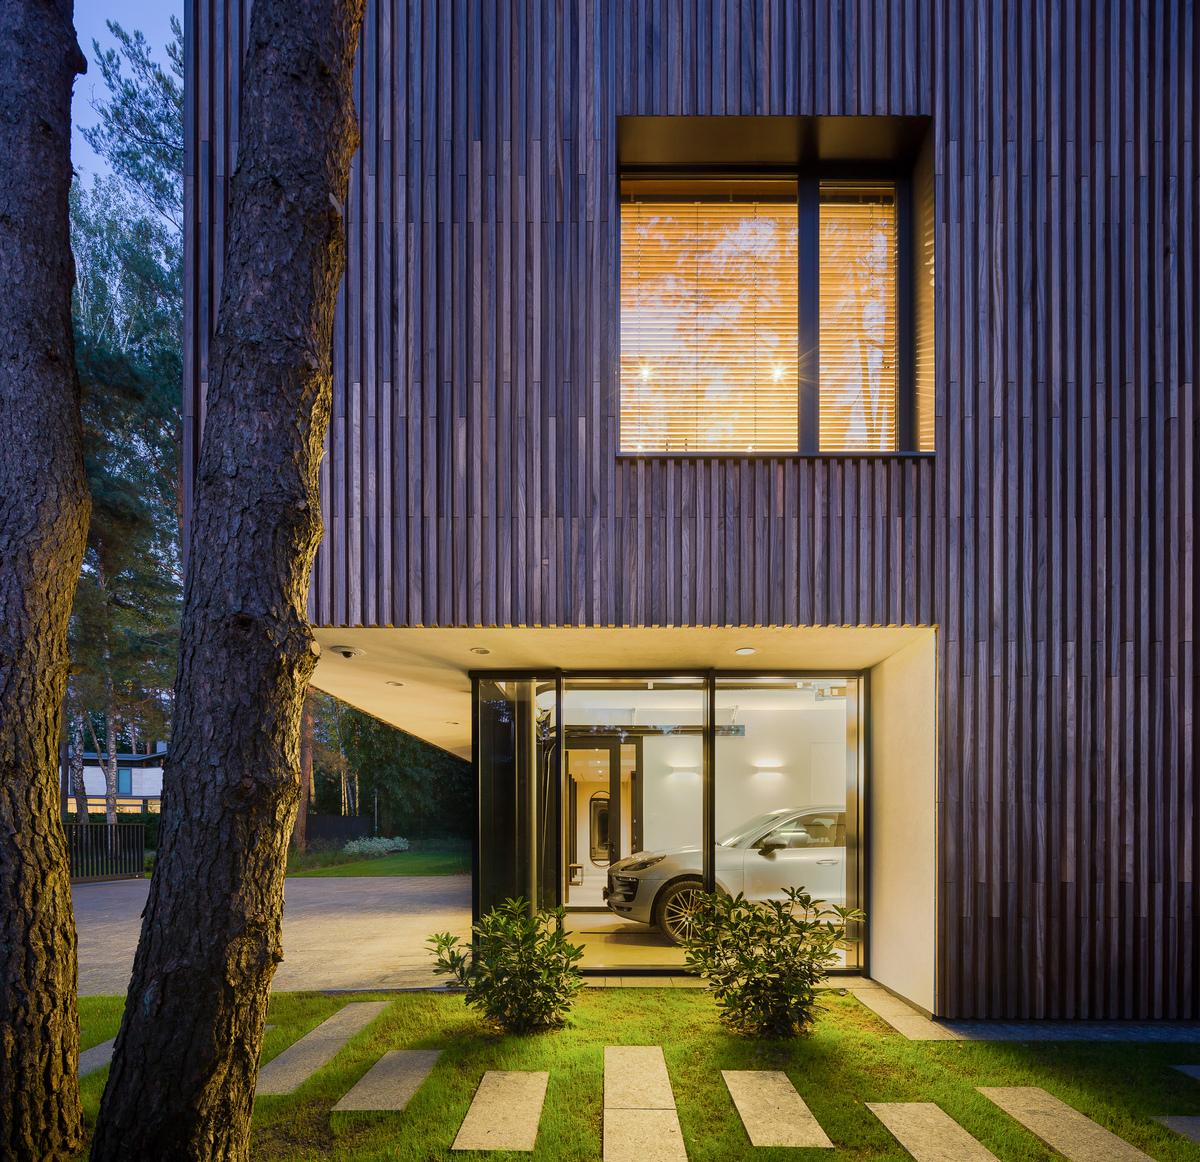 Современная резиденция со стеклянным гаражом в Литве